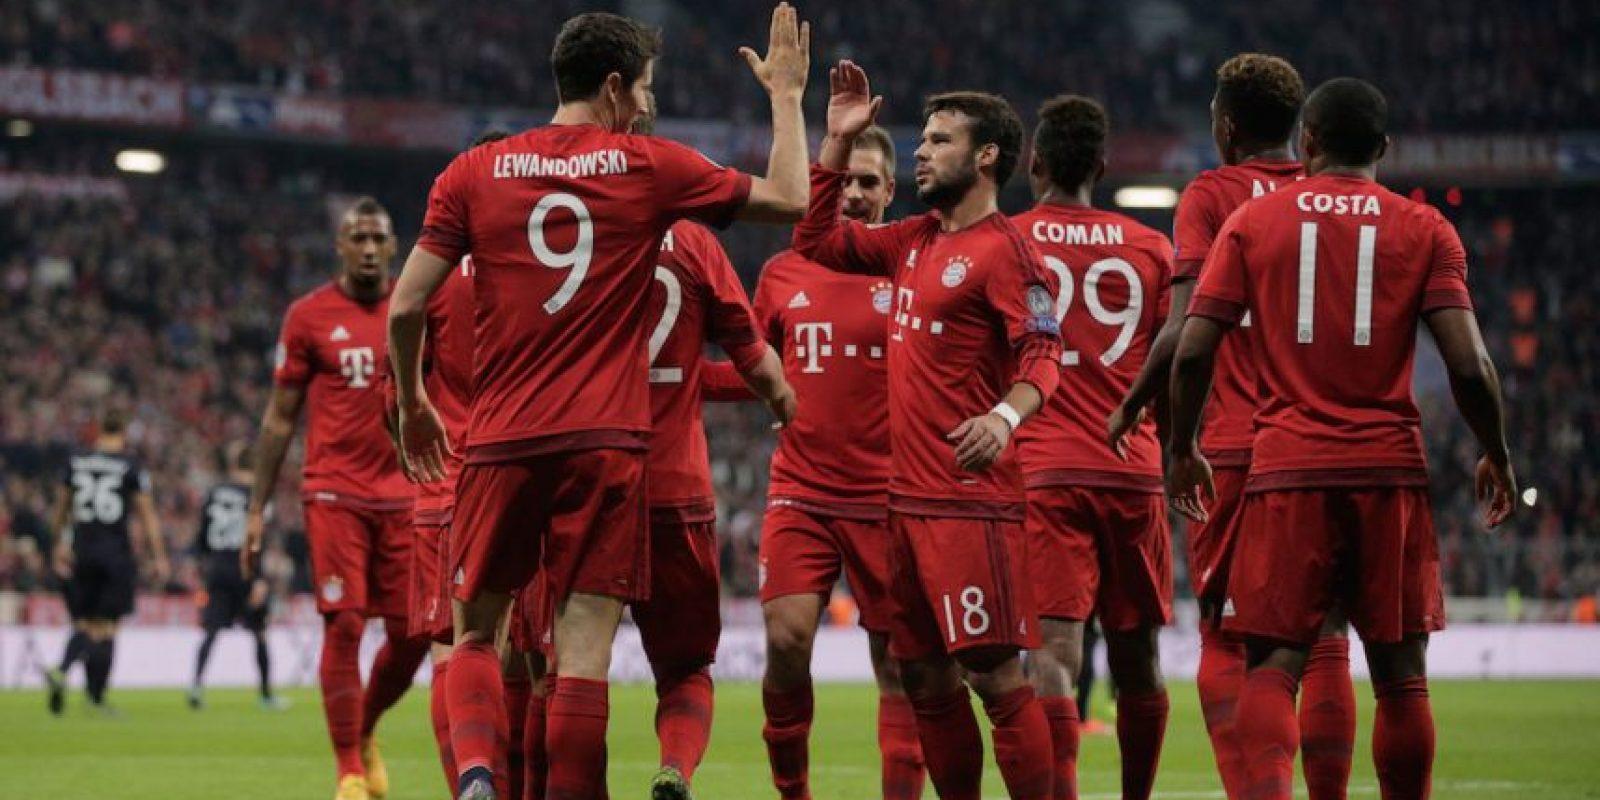 Los alemanes son líderes de su grupo con 6 puntos. Foto:Getty Images